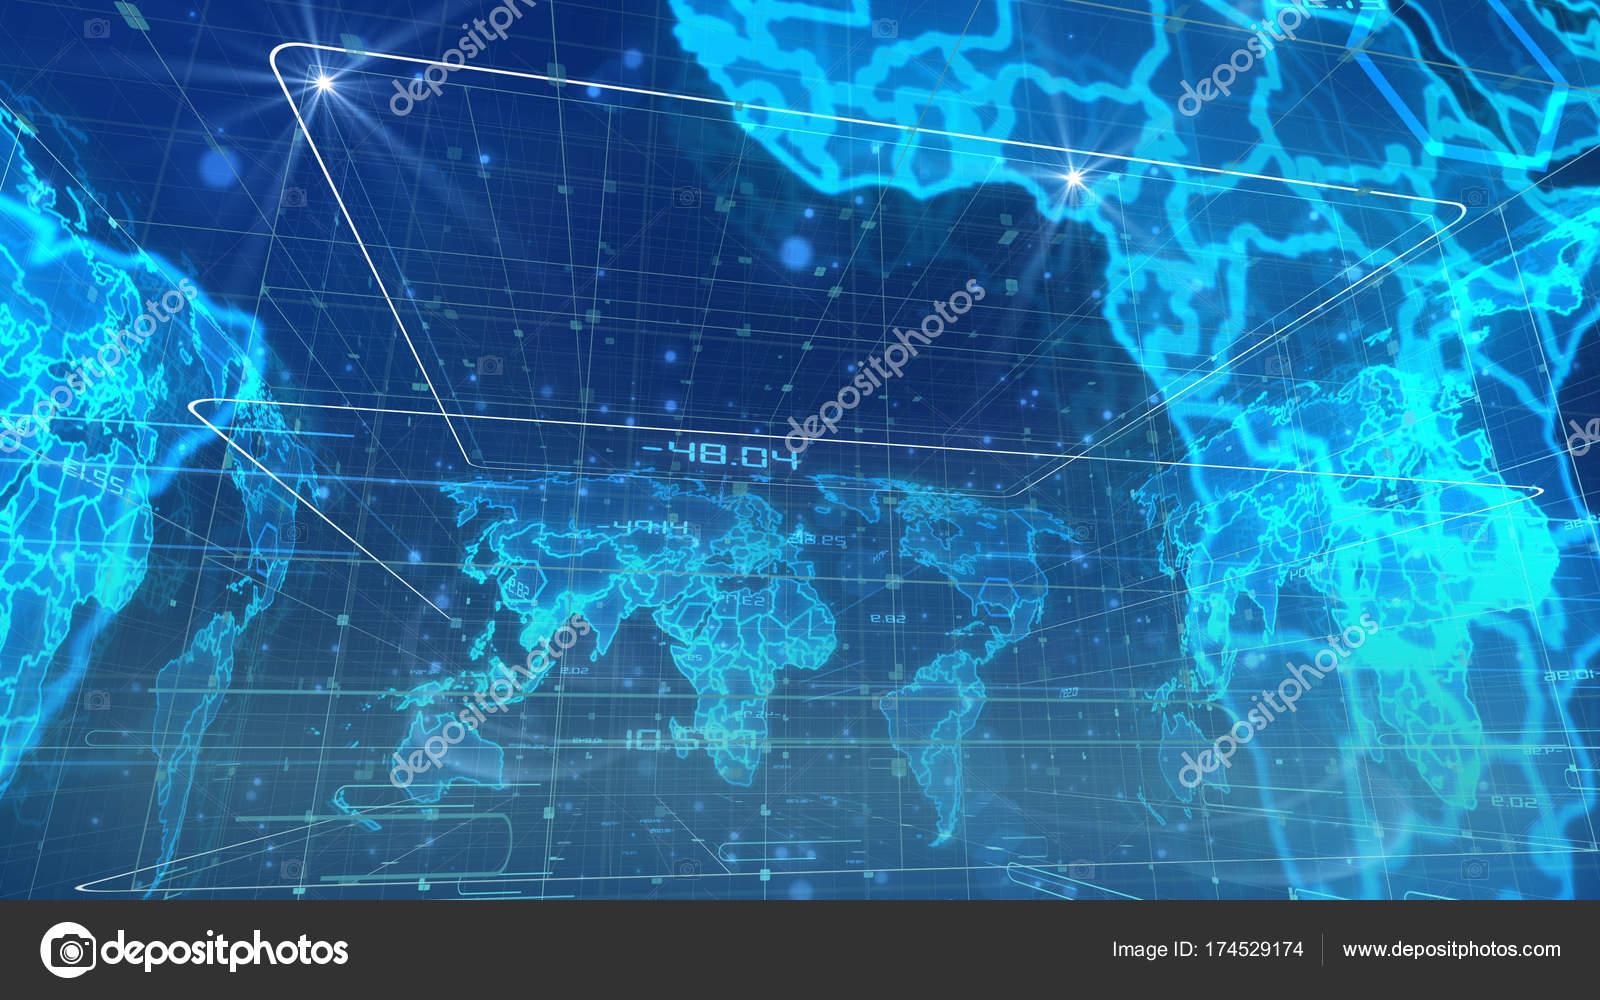 Spherical World Map.Spherical Digital Broadcasting World Map Stock Photo C Klss777